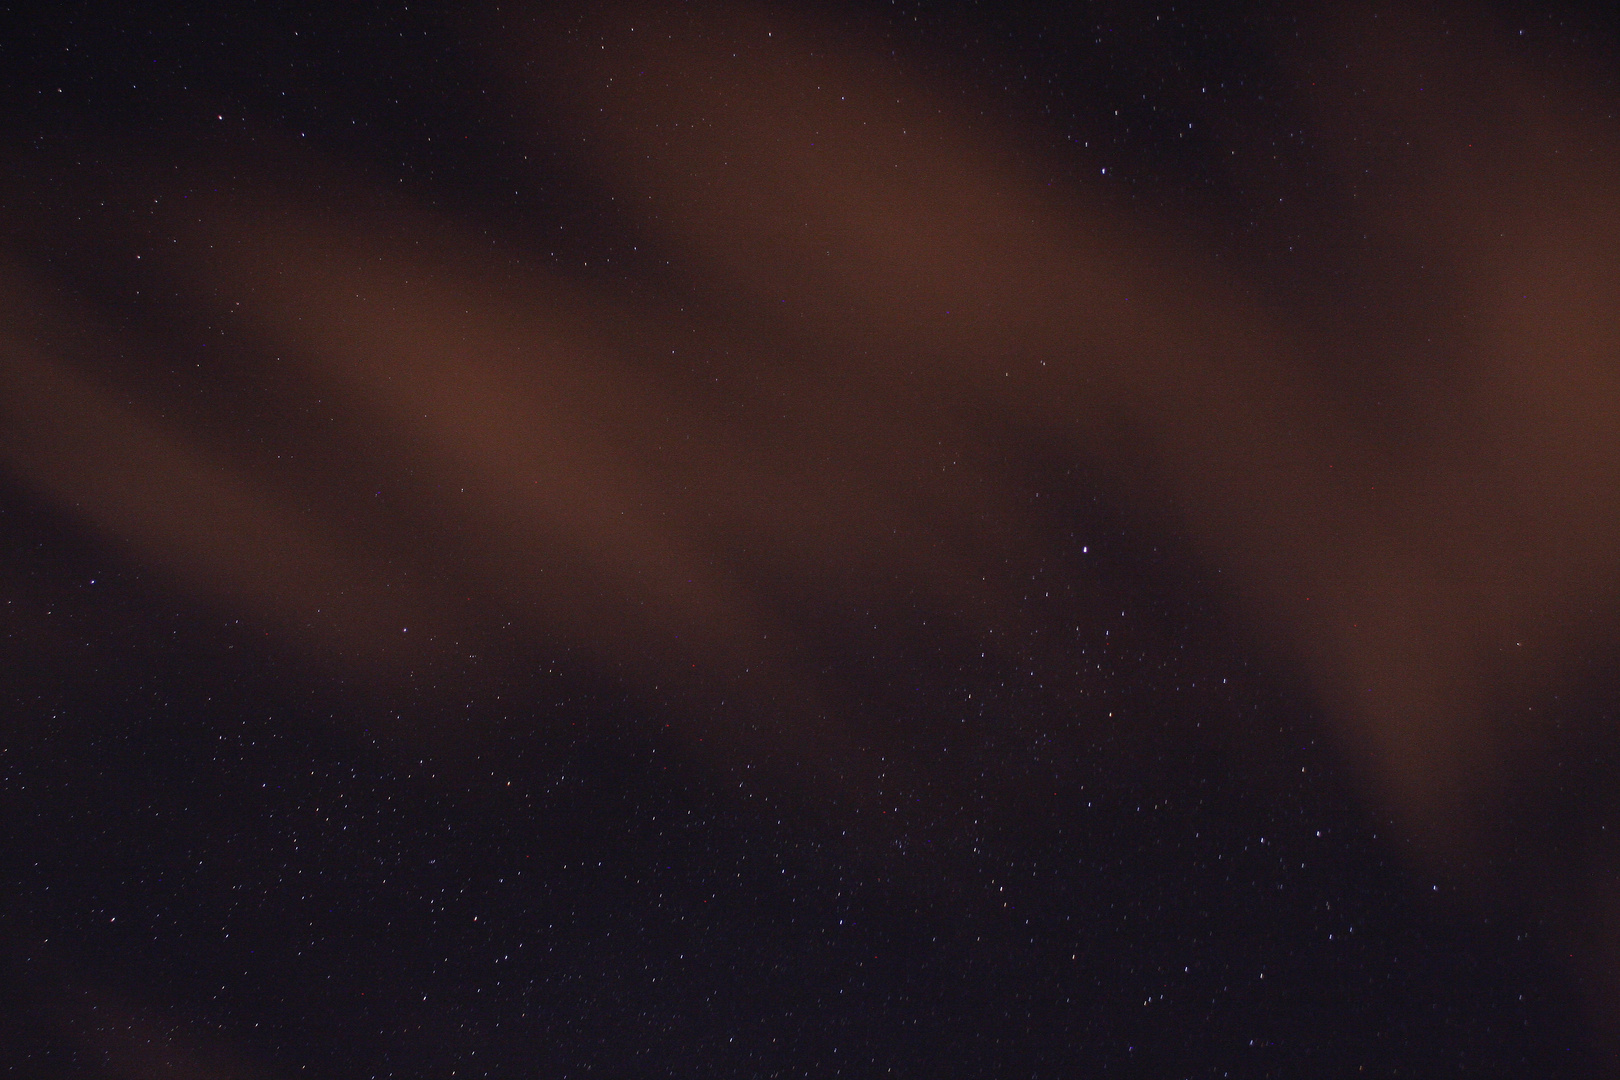 Sternenhimmel mit Schleierwolken